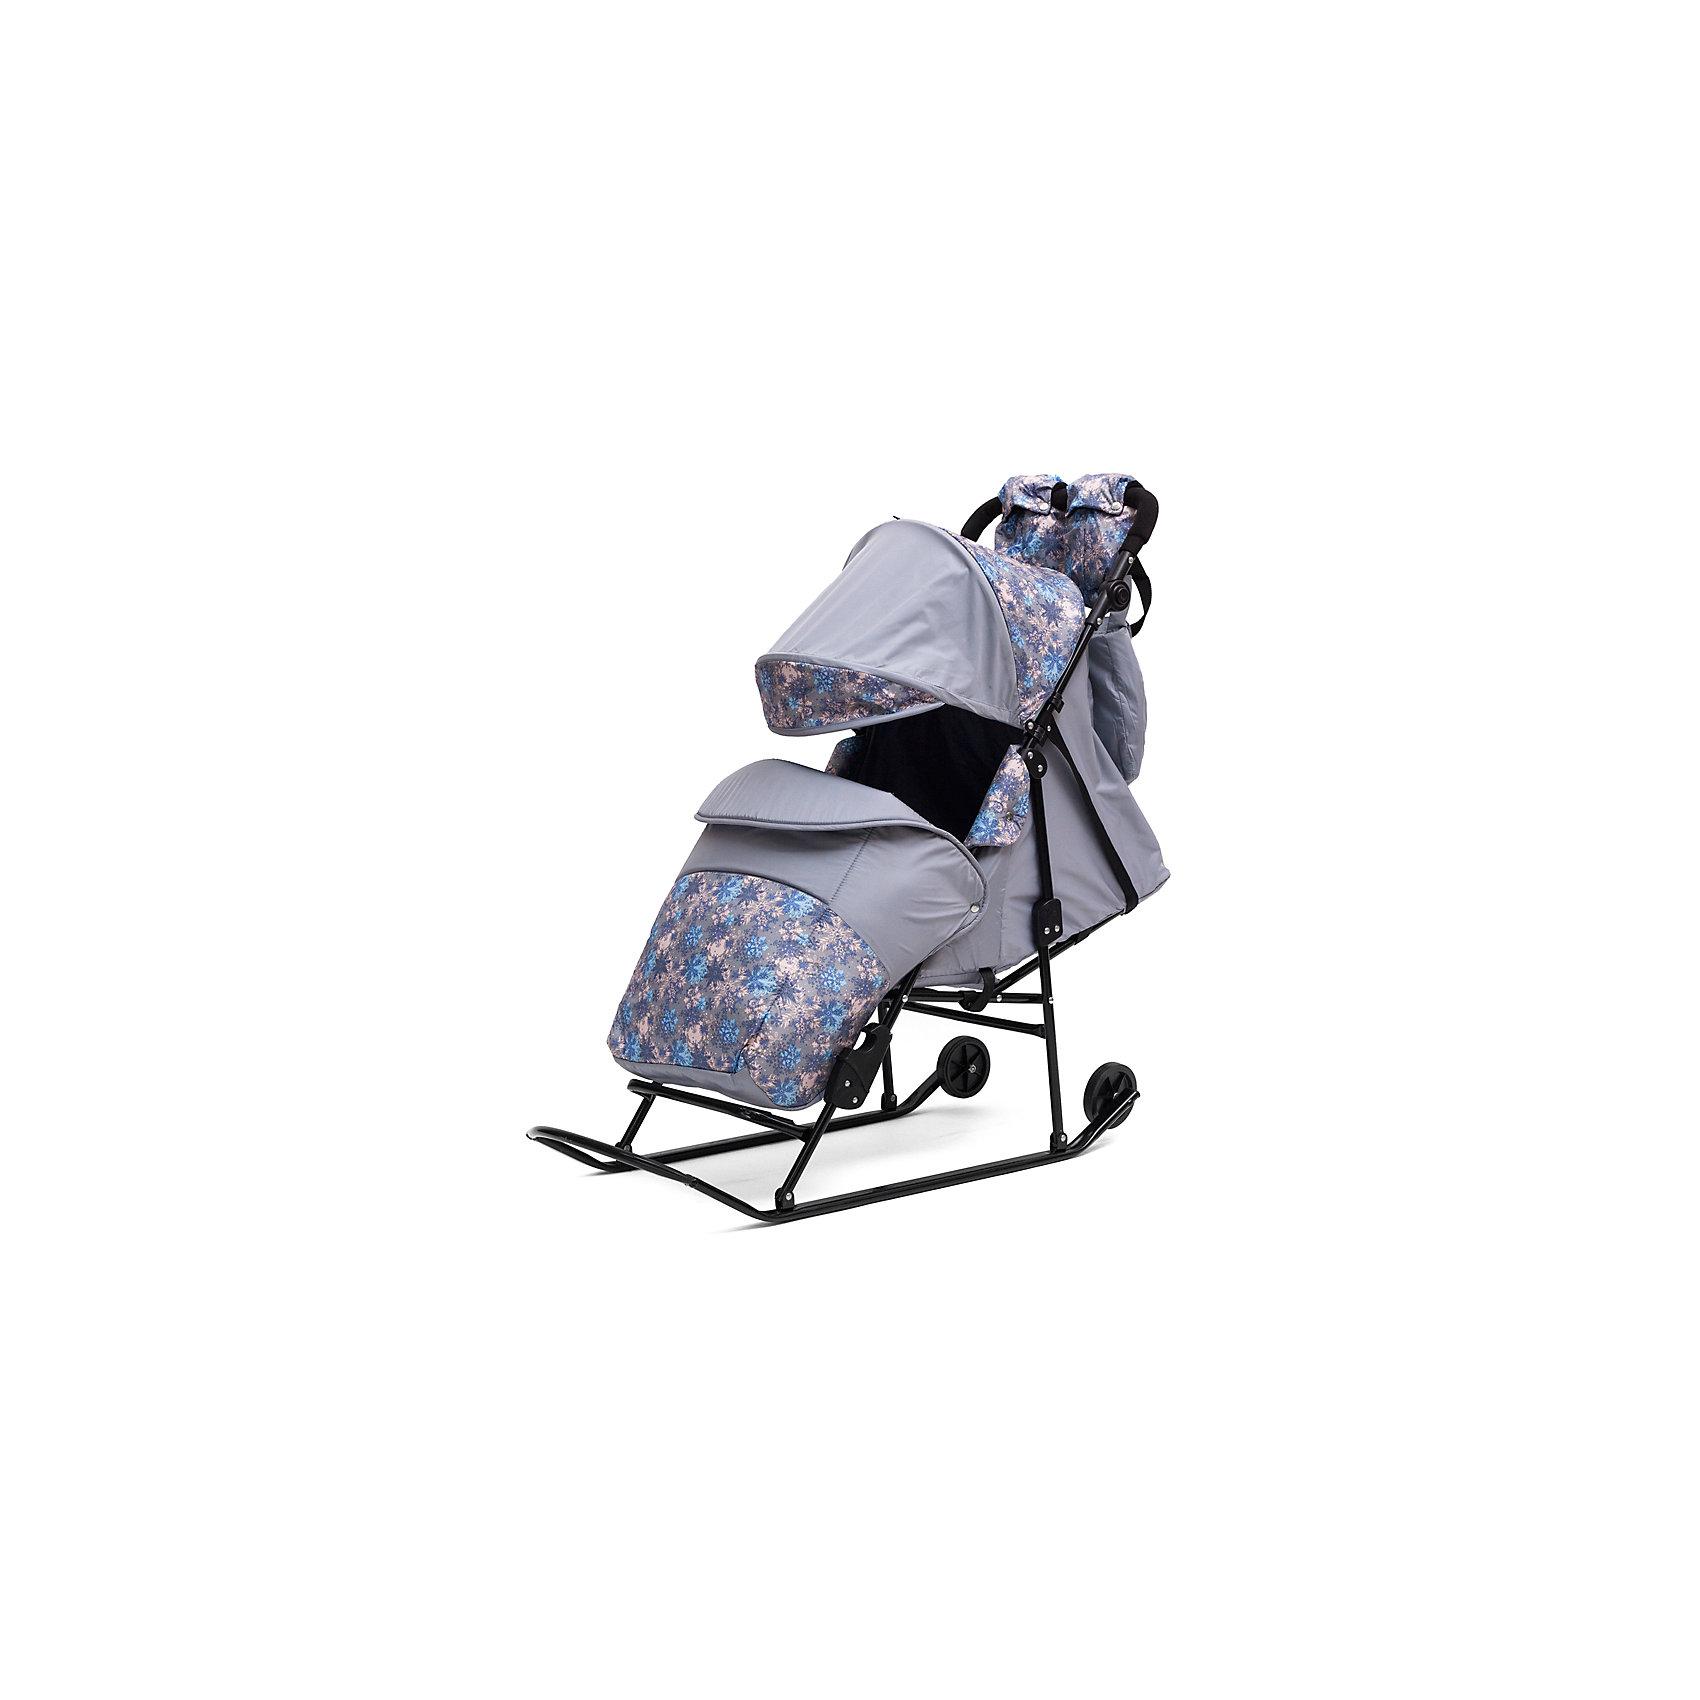 Санки-коляска ABC Academy Зимняя сказка 2В Авто, черная рама, серый/СнежинкиС колесиками<br>Характеристики:<br><br>• Наименование: санки-коляска<br>• Сезон: зима<br>• Пол: универсальный<br>• Материал: металл, пластик, текстиль<br>• Цвет: серый, черный<br>• Предусмотрено 5 положений спинки<br>• Регулируемая подставка для ног<br>• Наличие 2-х колесиков увеличенного диаметра<br>• Сумка в комплекте<br>• Наличие ремней безопасности<br>• Максимально допустимый вес: 25 кг<br>• Дополнительно: муфта для мамы и сумка для детских принадлежностей<br>• Размеры (Д*Ш*В): 70*34*100 см<br>• Вес: 9 кг<br><br>Санки-коляска Зимняя сказка 2В Авто, черная рама, ABC Academy, серый/Снежинки от отечественного производителя изготовлены из качественных и безопасных материалов. Конструкция санок выполнена в форме коляски для того, чтобы создать комфортные условия во время зимних прогулок для малышей. Защитный чехол на ножках, широкое сиденье, низкий козырек, непромокаемая и непродуваемая ткань – все это защитит малыша от зимней непогоды. Увеличенное по размерам посадочное место обеспечит свободу движений даже если ребенок будет в меховом конверте. Для удобства передвижения по незаснеженным участкам дороги предусмотрены два колесика на полозьях. Санки-коляска выполнены в стильном цвете я ярким принтом.<br><br>Санки-коляску Зимняя сказка 2В Авто, черная рама, ABC Academy, серый/Снежинки можно купить в нашем интернет-магазине.<br><br>Ширина мм: 1200<br>Глубина мм: 466<br>Высота мм: 260<br>Вес г: 9300<br>Возраст от месяцев: 12<br>Возраст до месяцев: 48<br>Пол: Унисекс<br>Возраст: Детский<br>SKU: 5168630